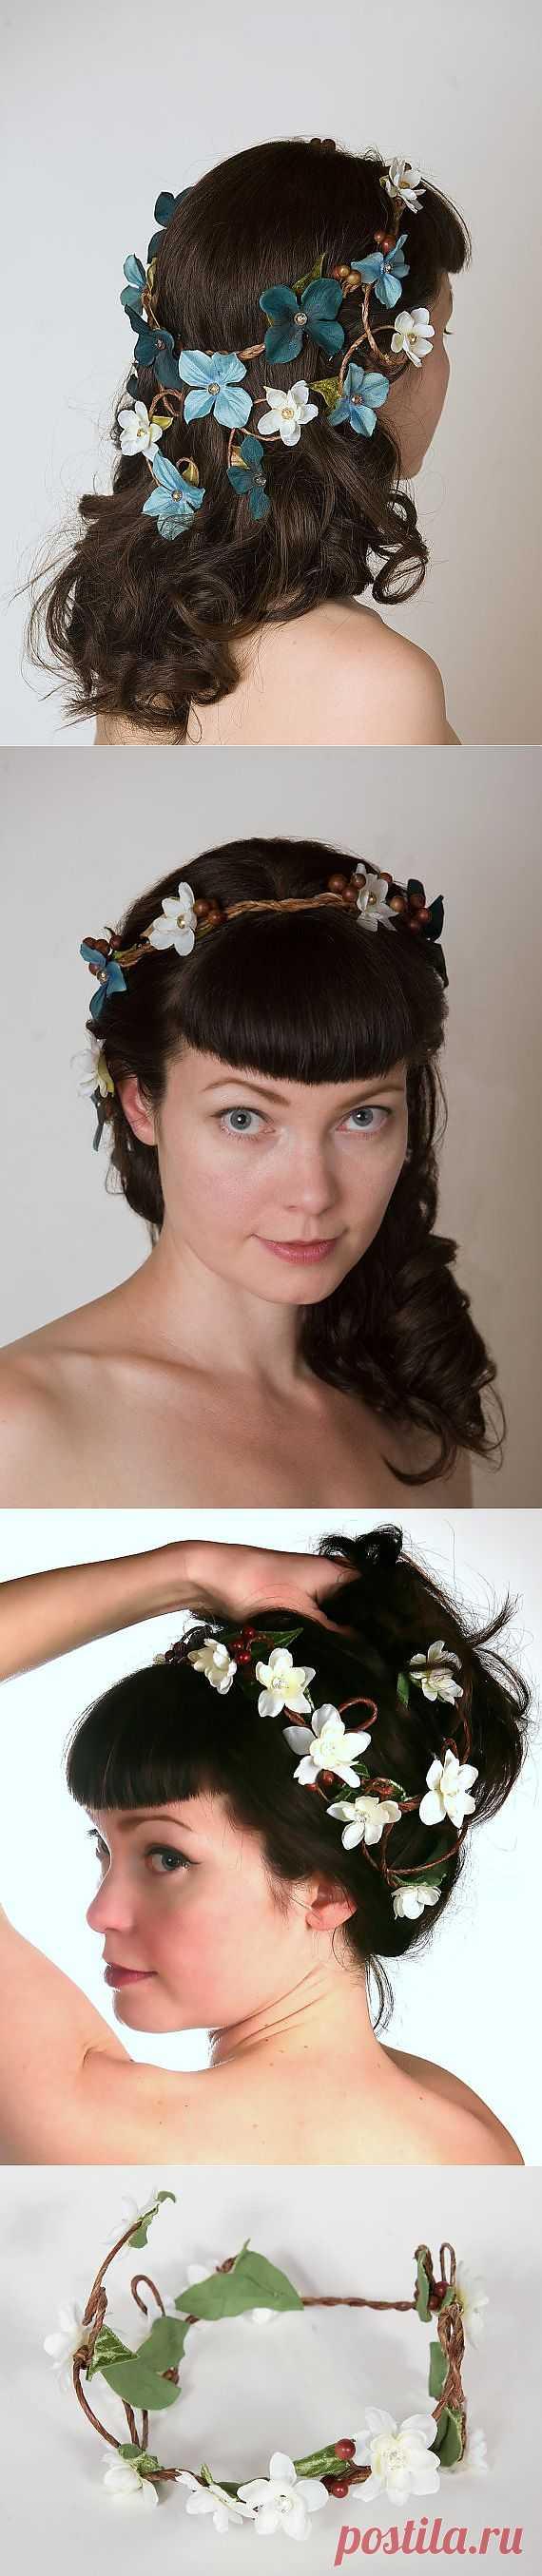 Букет в голове / Украшения для волос / Модный сайт о стильной переделке одежды и интерьера